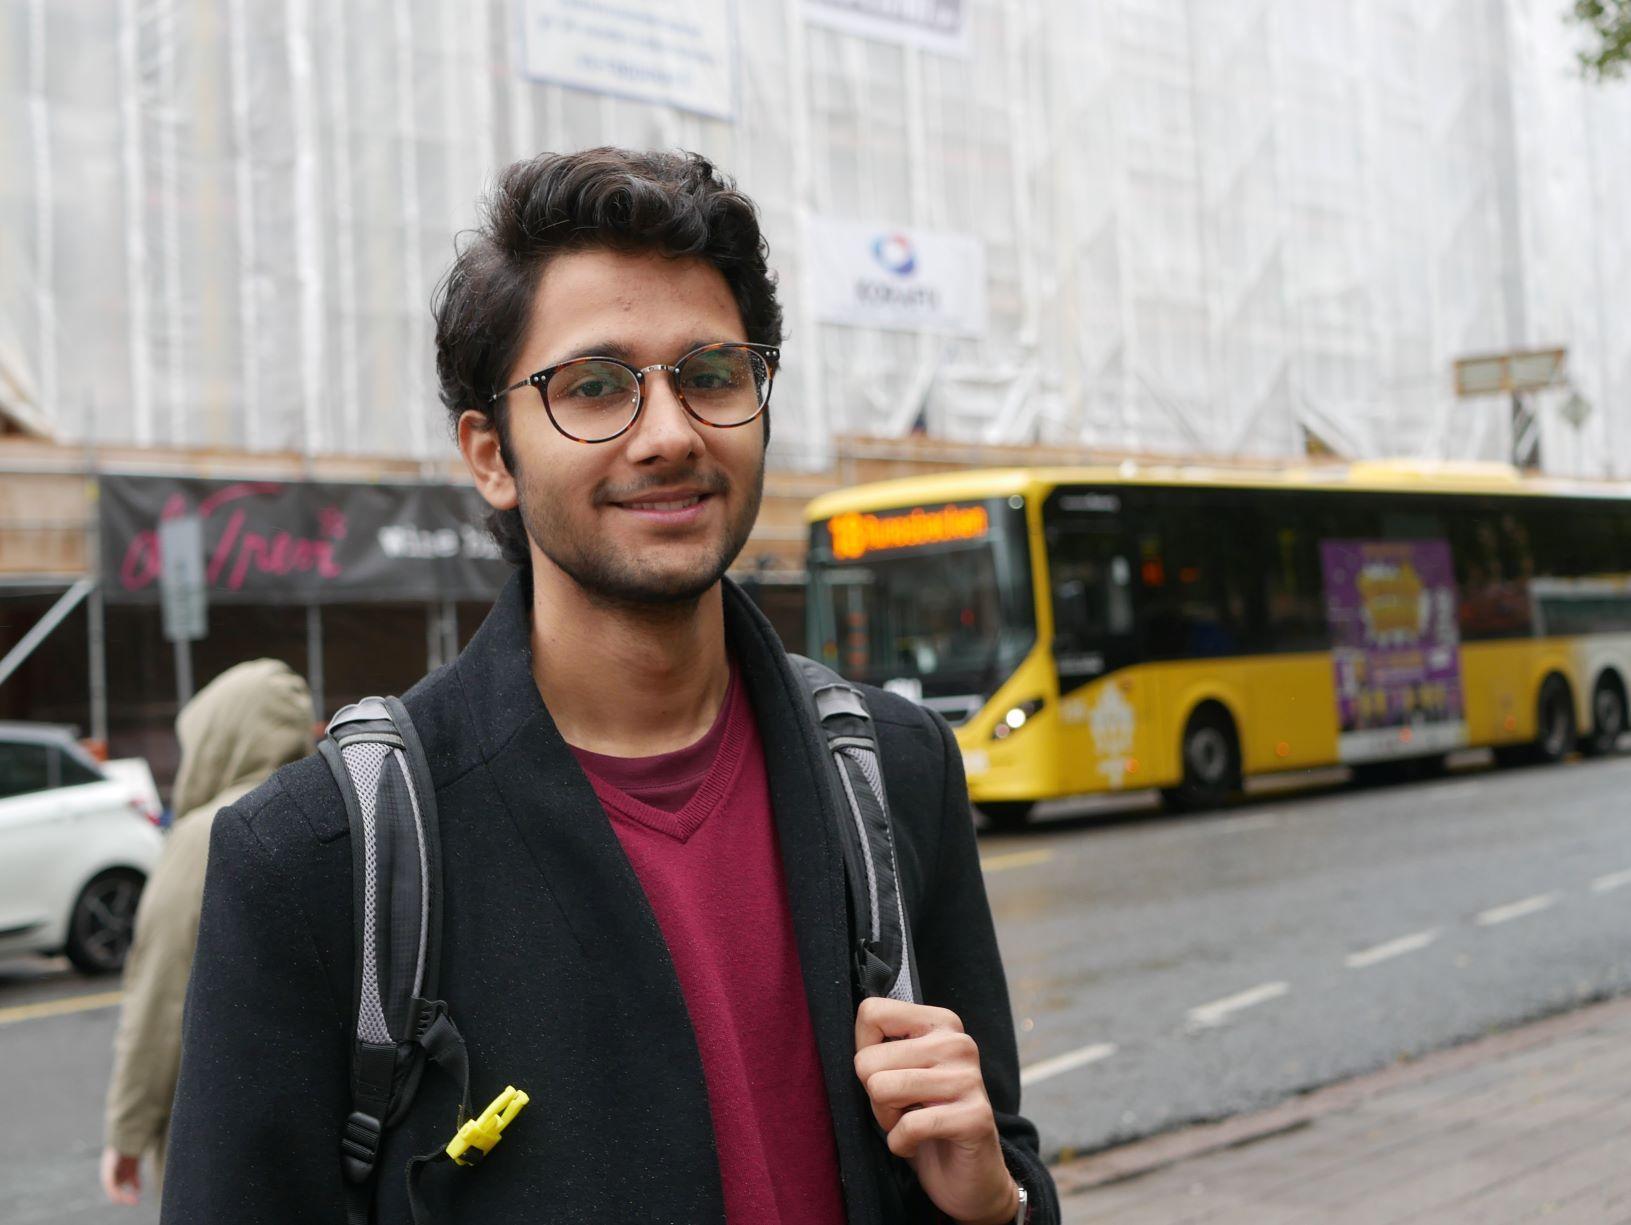 En man står vid vägen med buss i bakgrunden